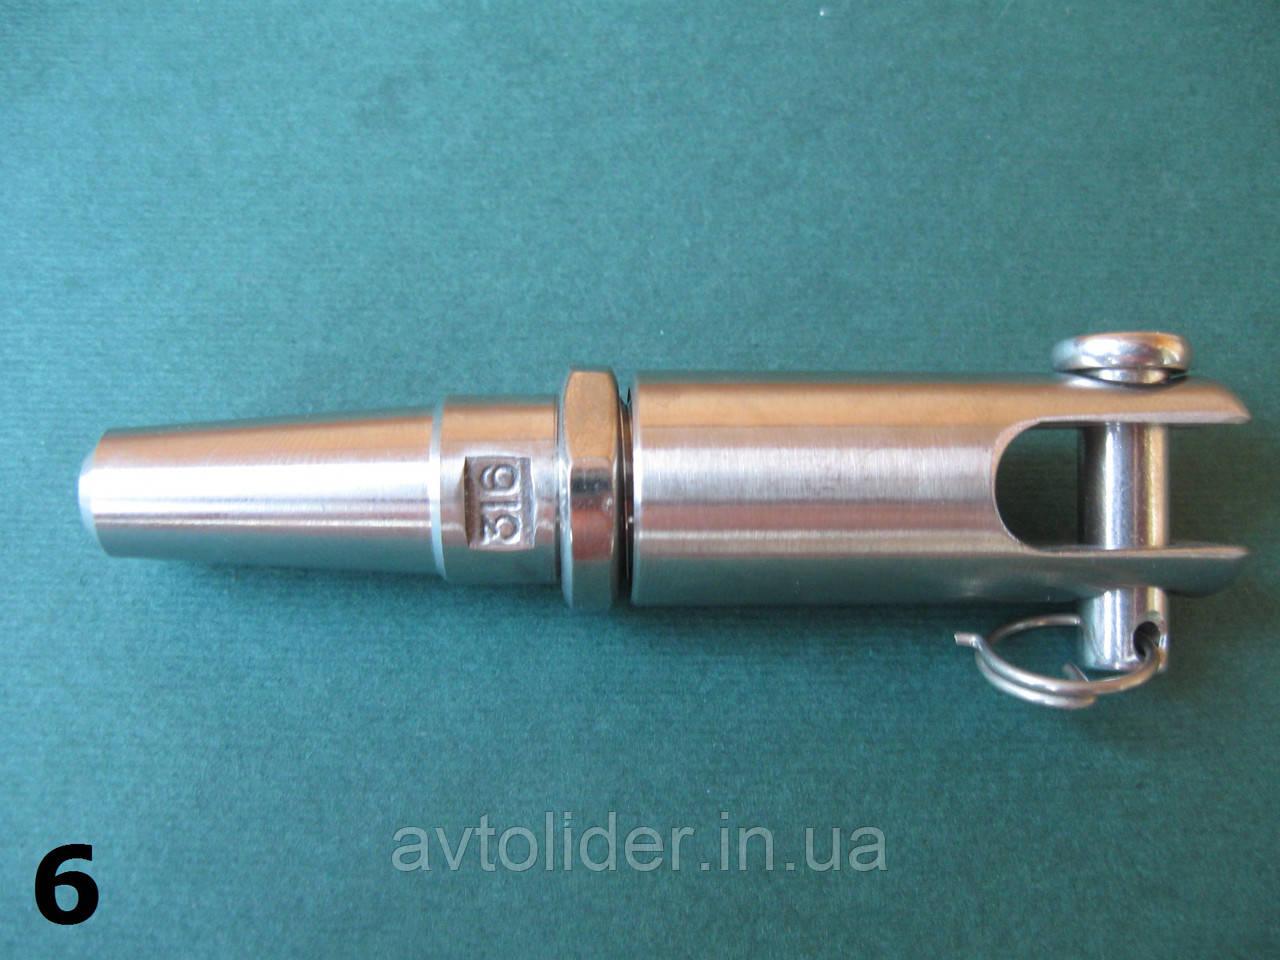 Нержавеющий норсеман с вилкой для троса 6 мм